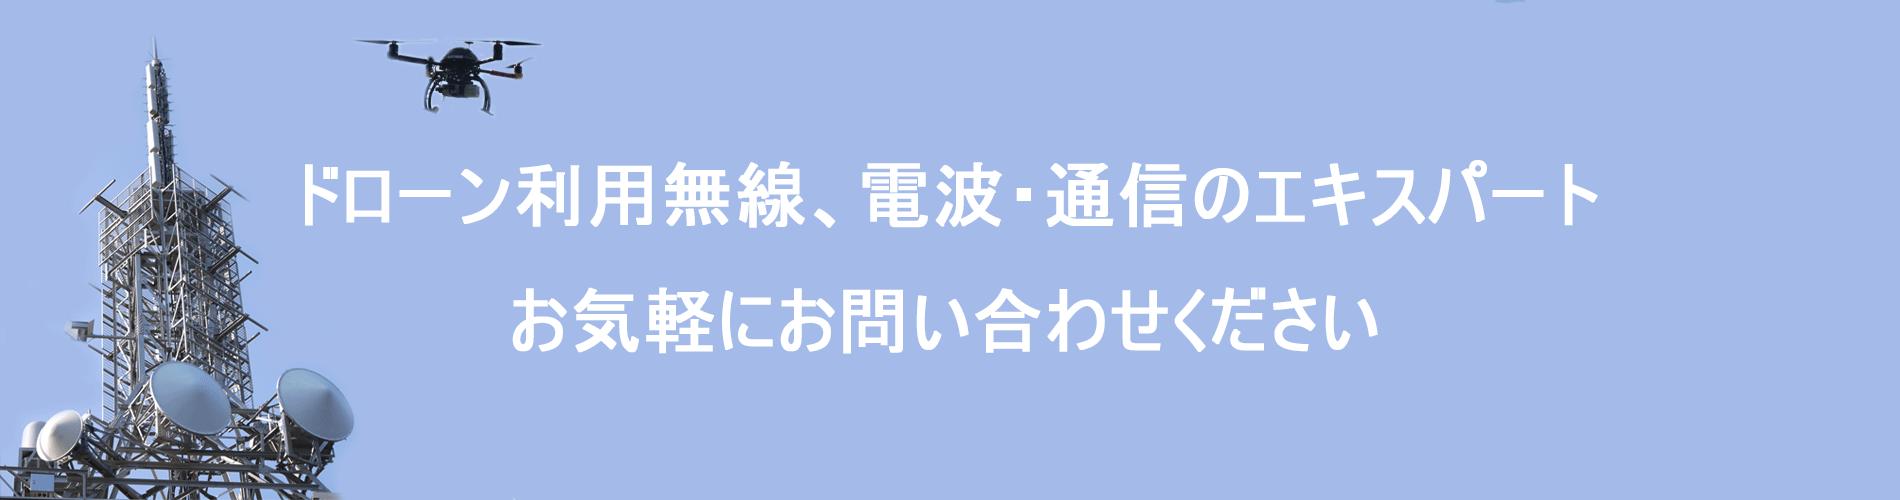 JDRIセミナー9月~10月期